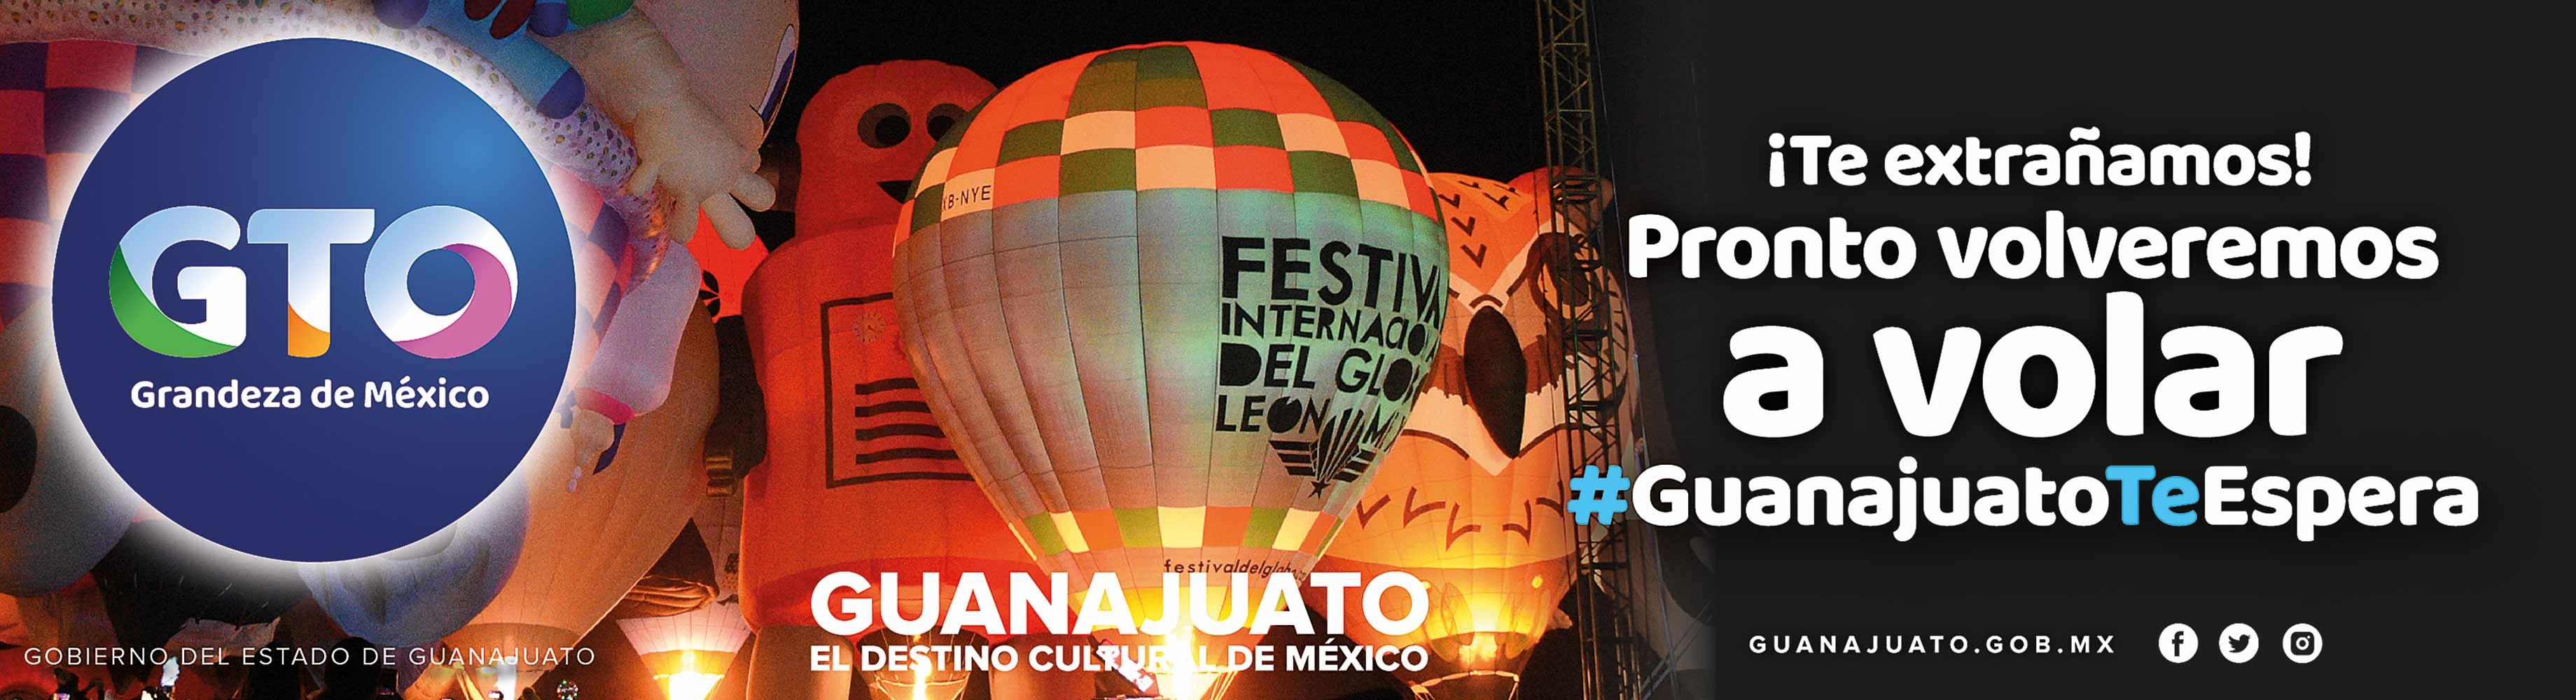 Anuncio Gobierno de Guanajuato edición CDMX del 28 de mayo del 2020, Página 04